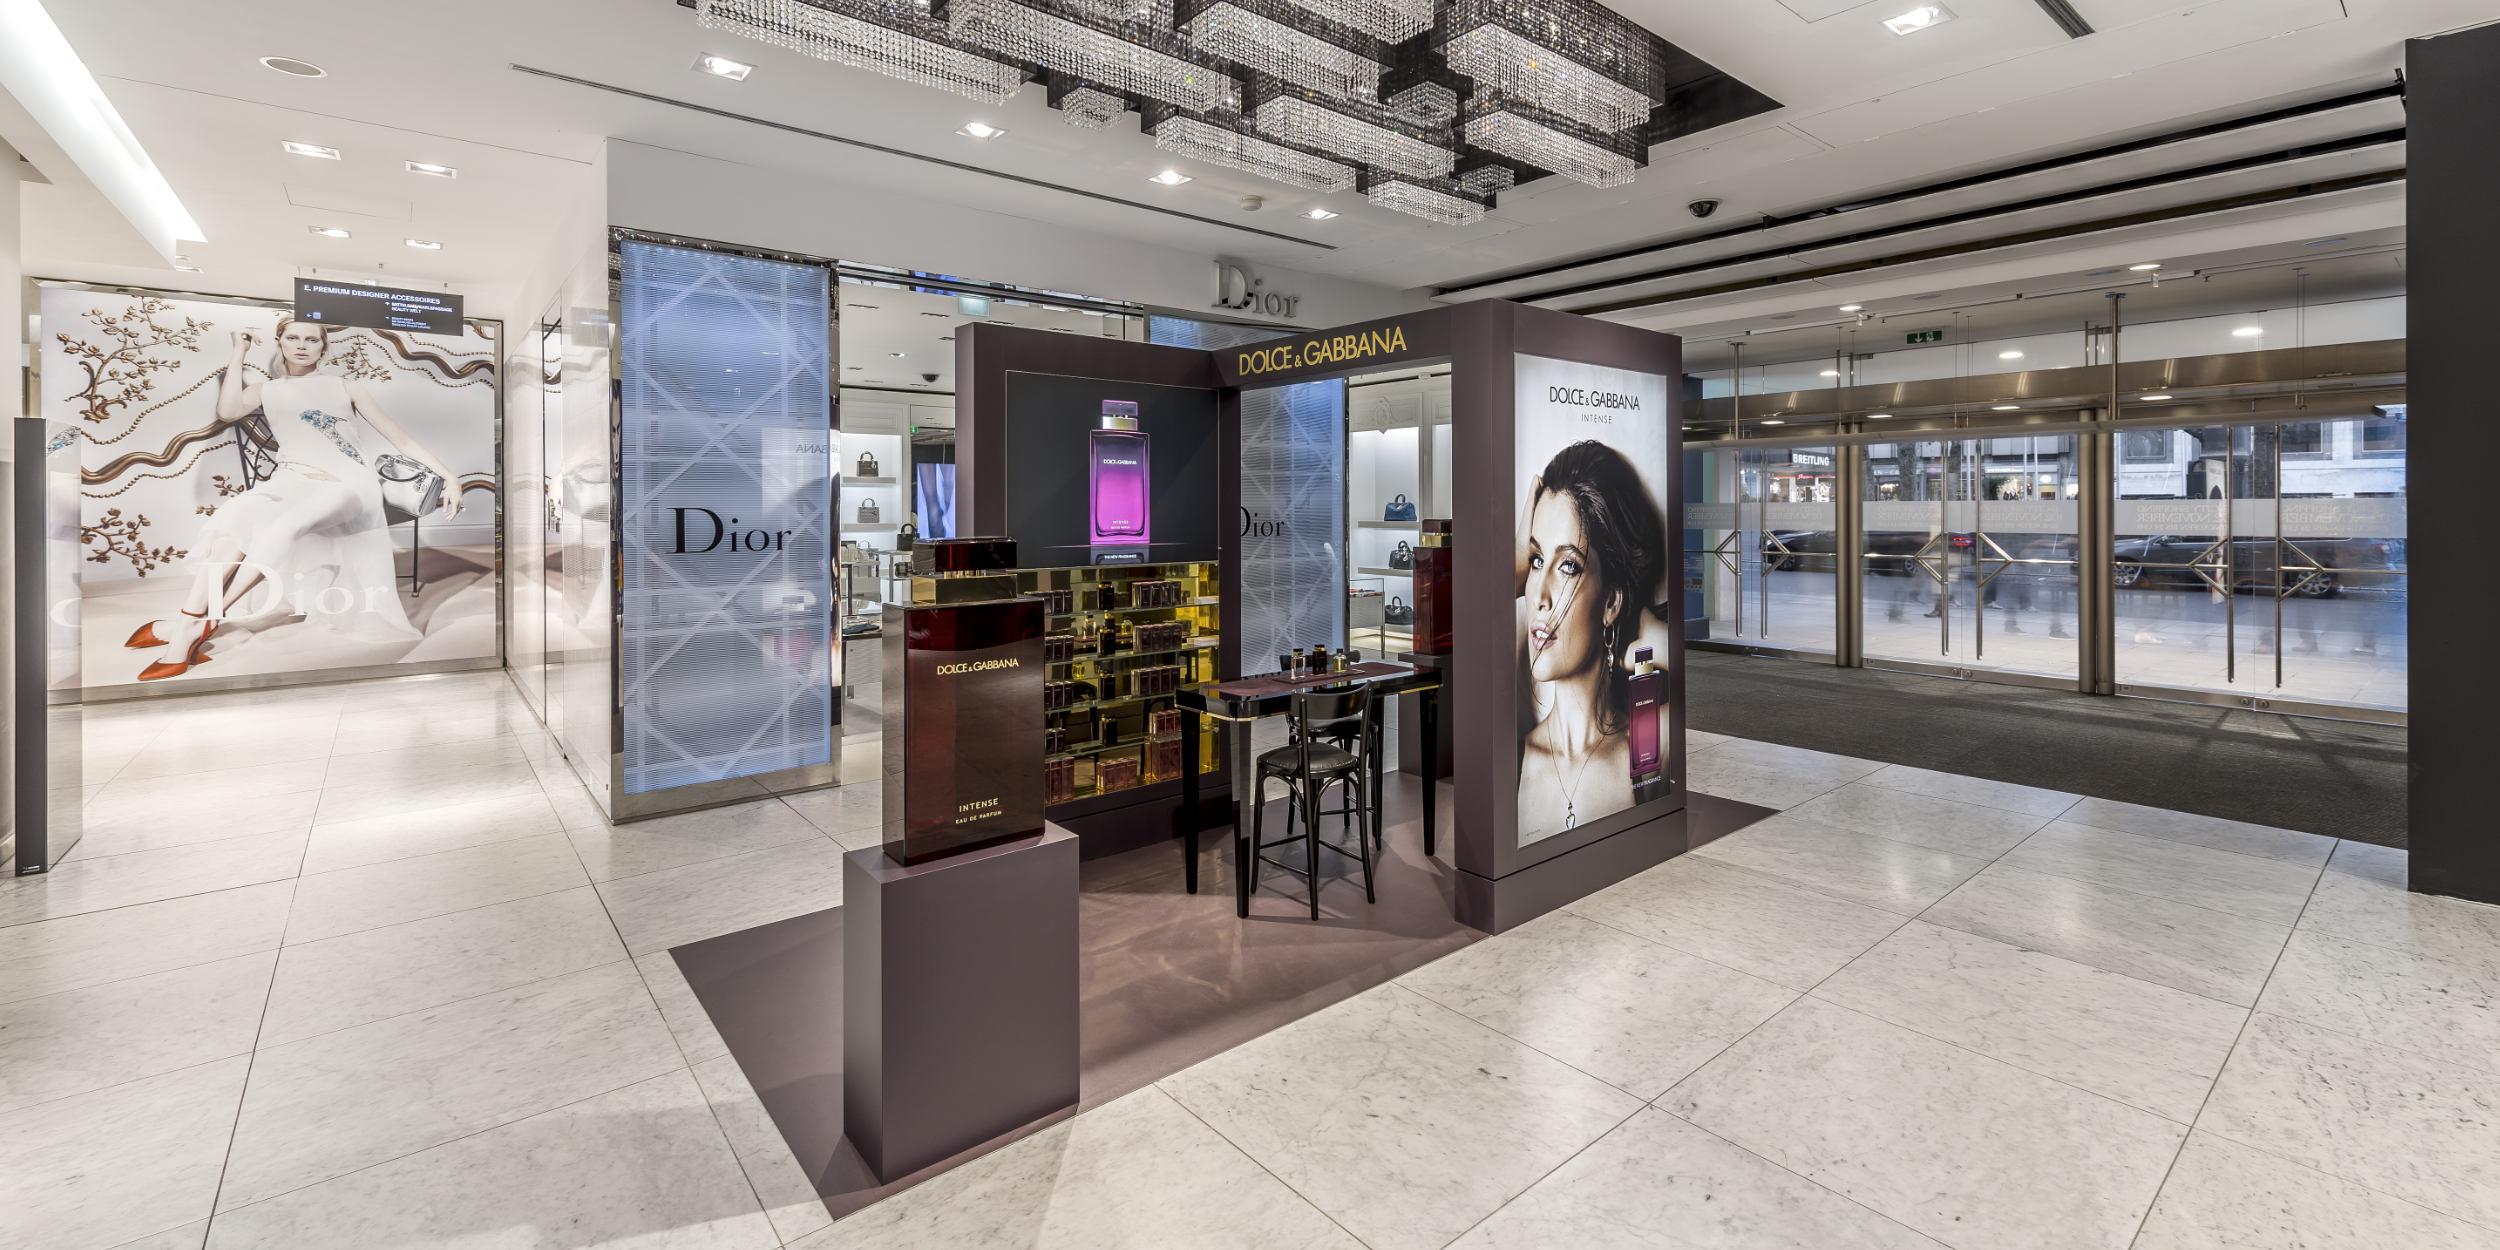 Architekturfotografie Stuttgart und Umgebung Dolce und Gabbana Promotion Breuninger Stuttgart Innenarchitektur richtige Zeit richtiger Ort